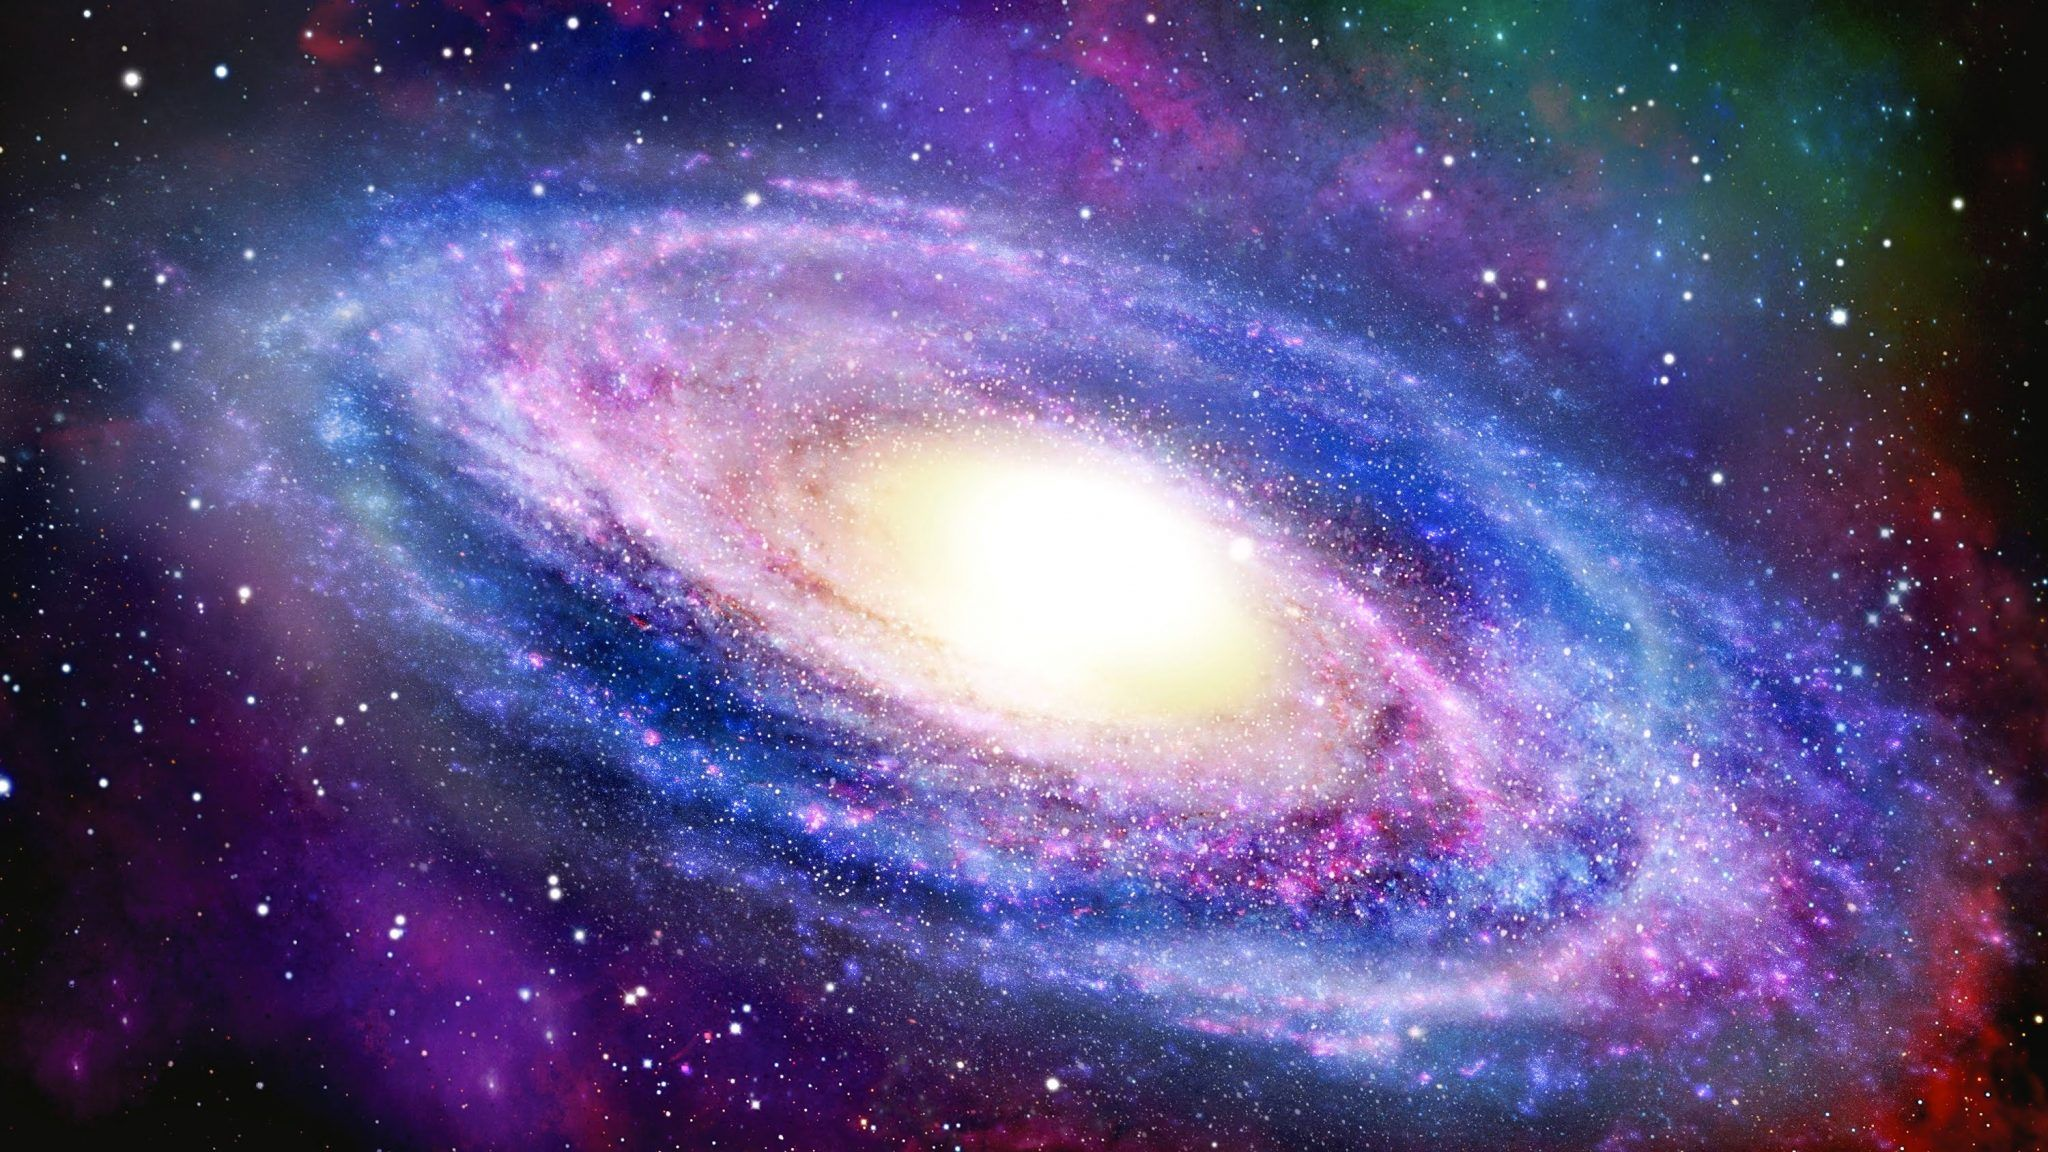 Evren Ne Kadar Buyuk Sonsuzmu 2020 Nebula Evren Galaksiler